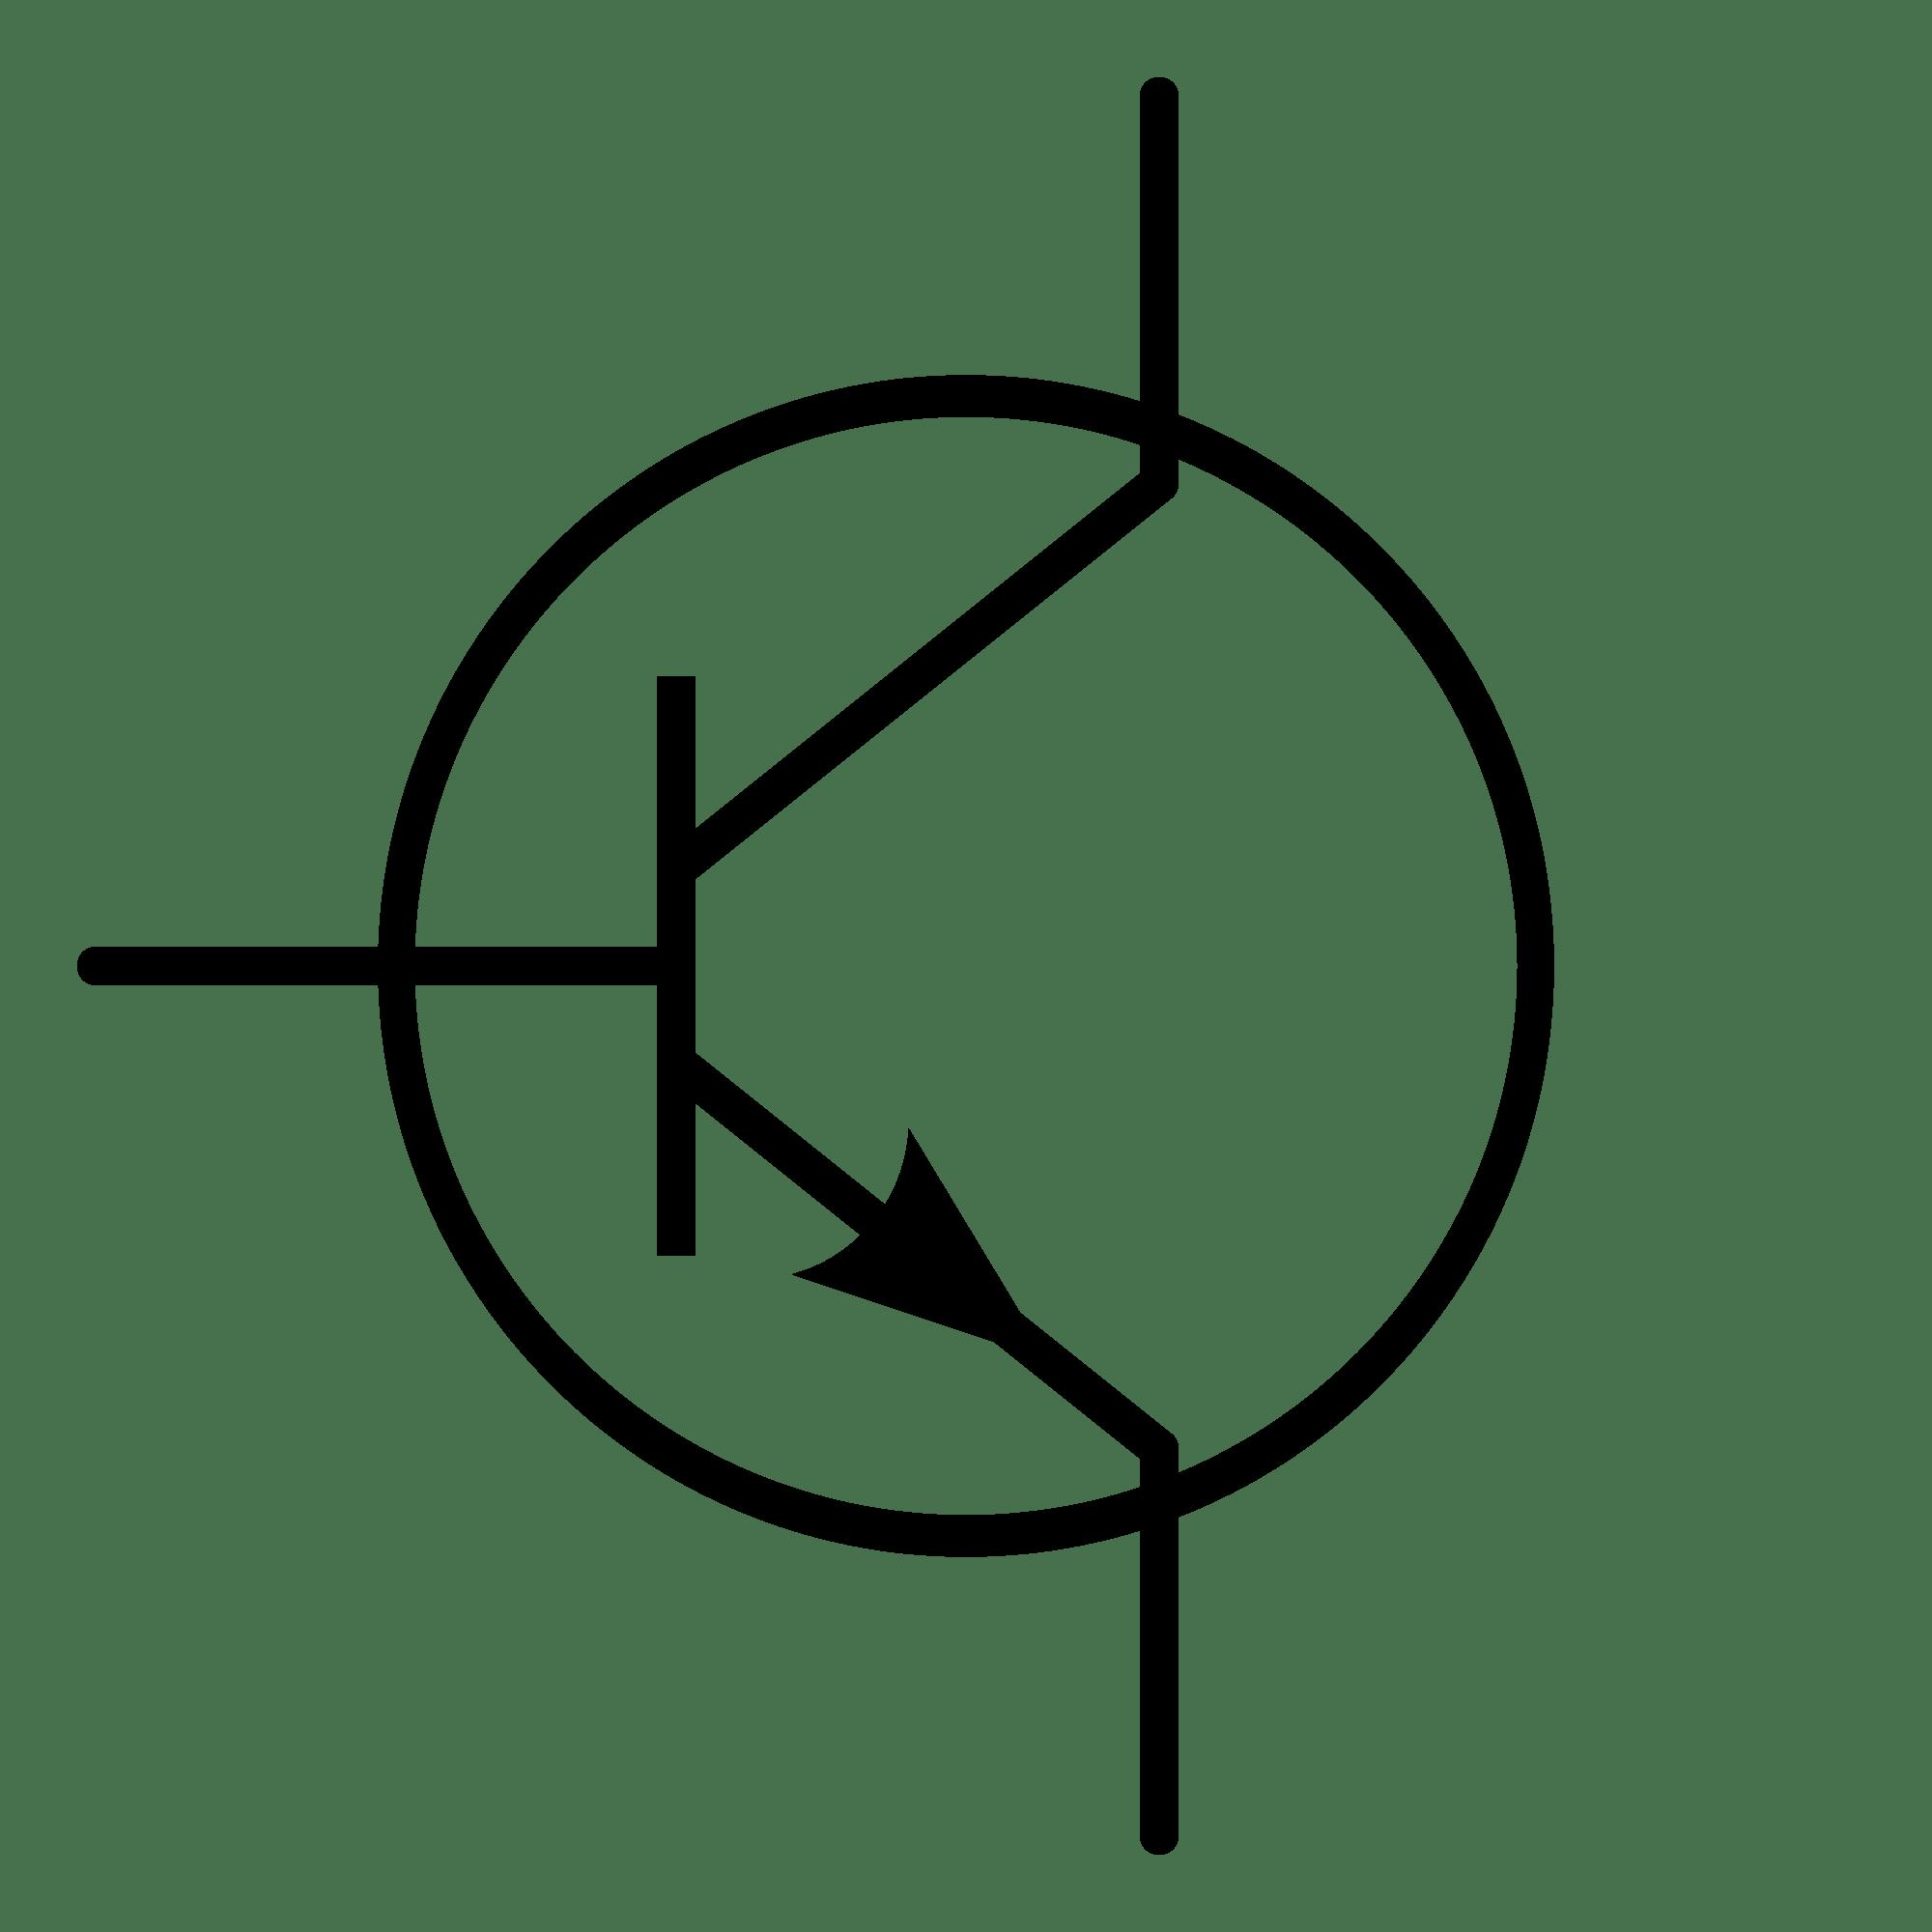 Transistor Symbols